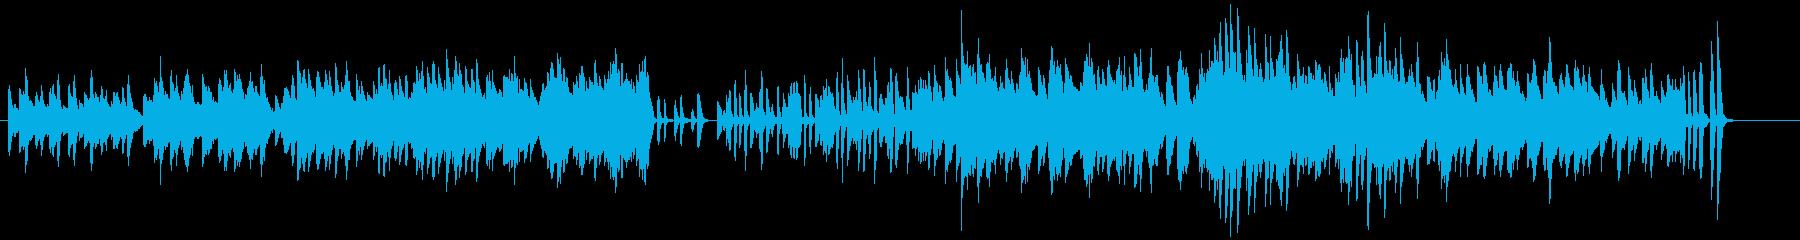 「スターワルツ」 かわいいピアノワルツの再生済みの波形